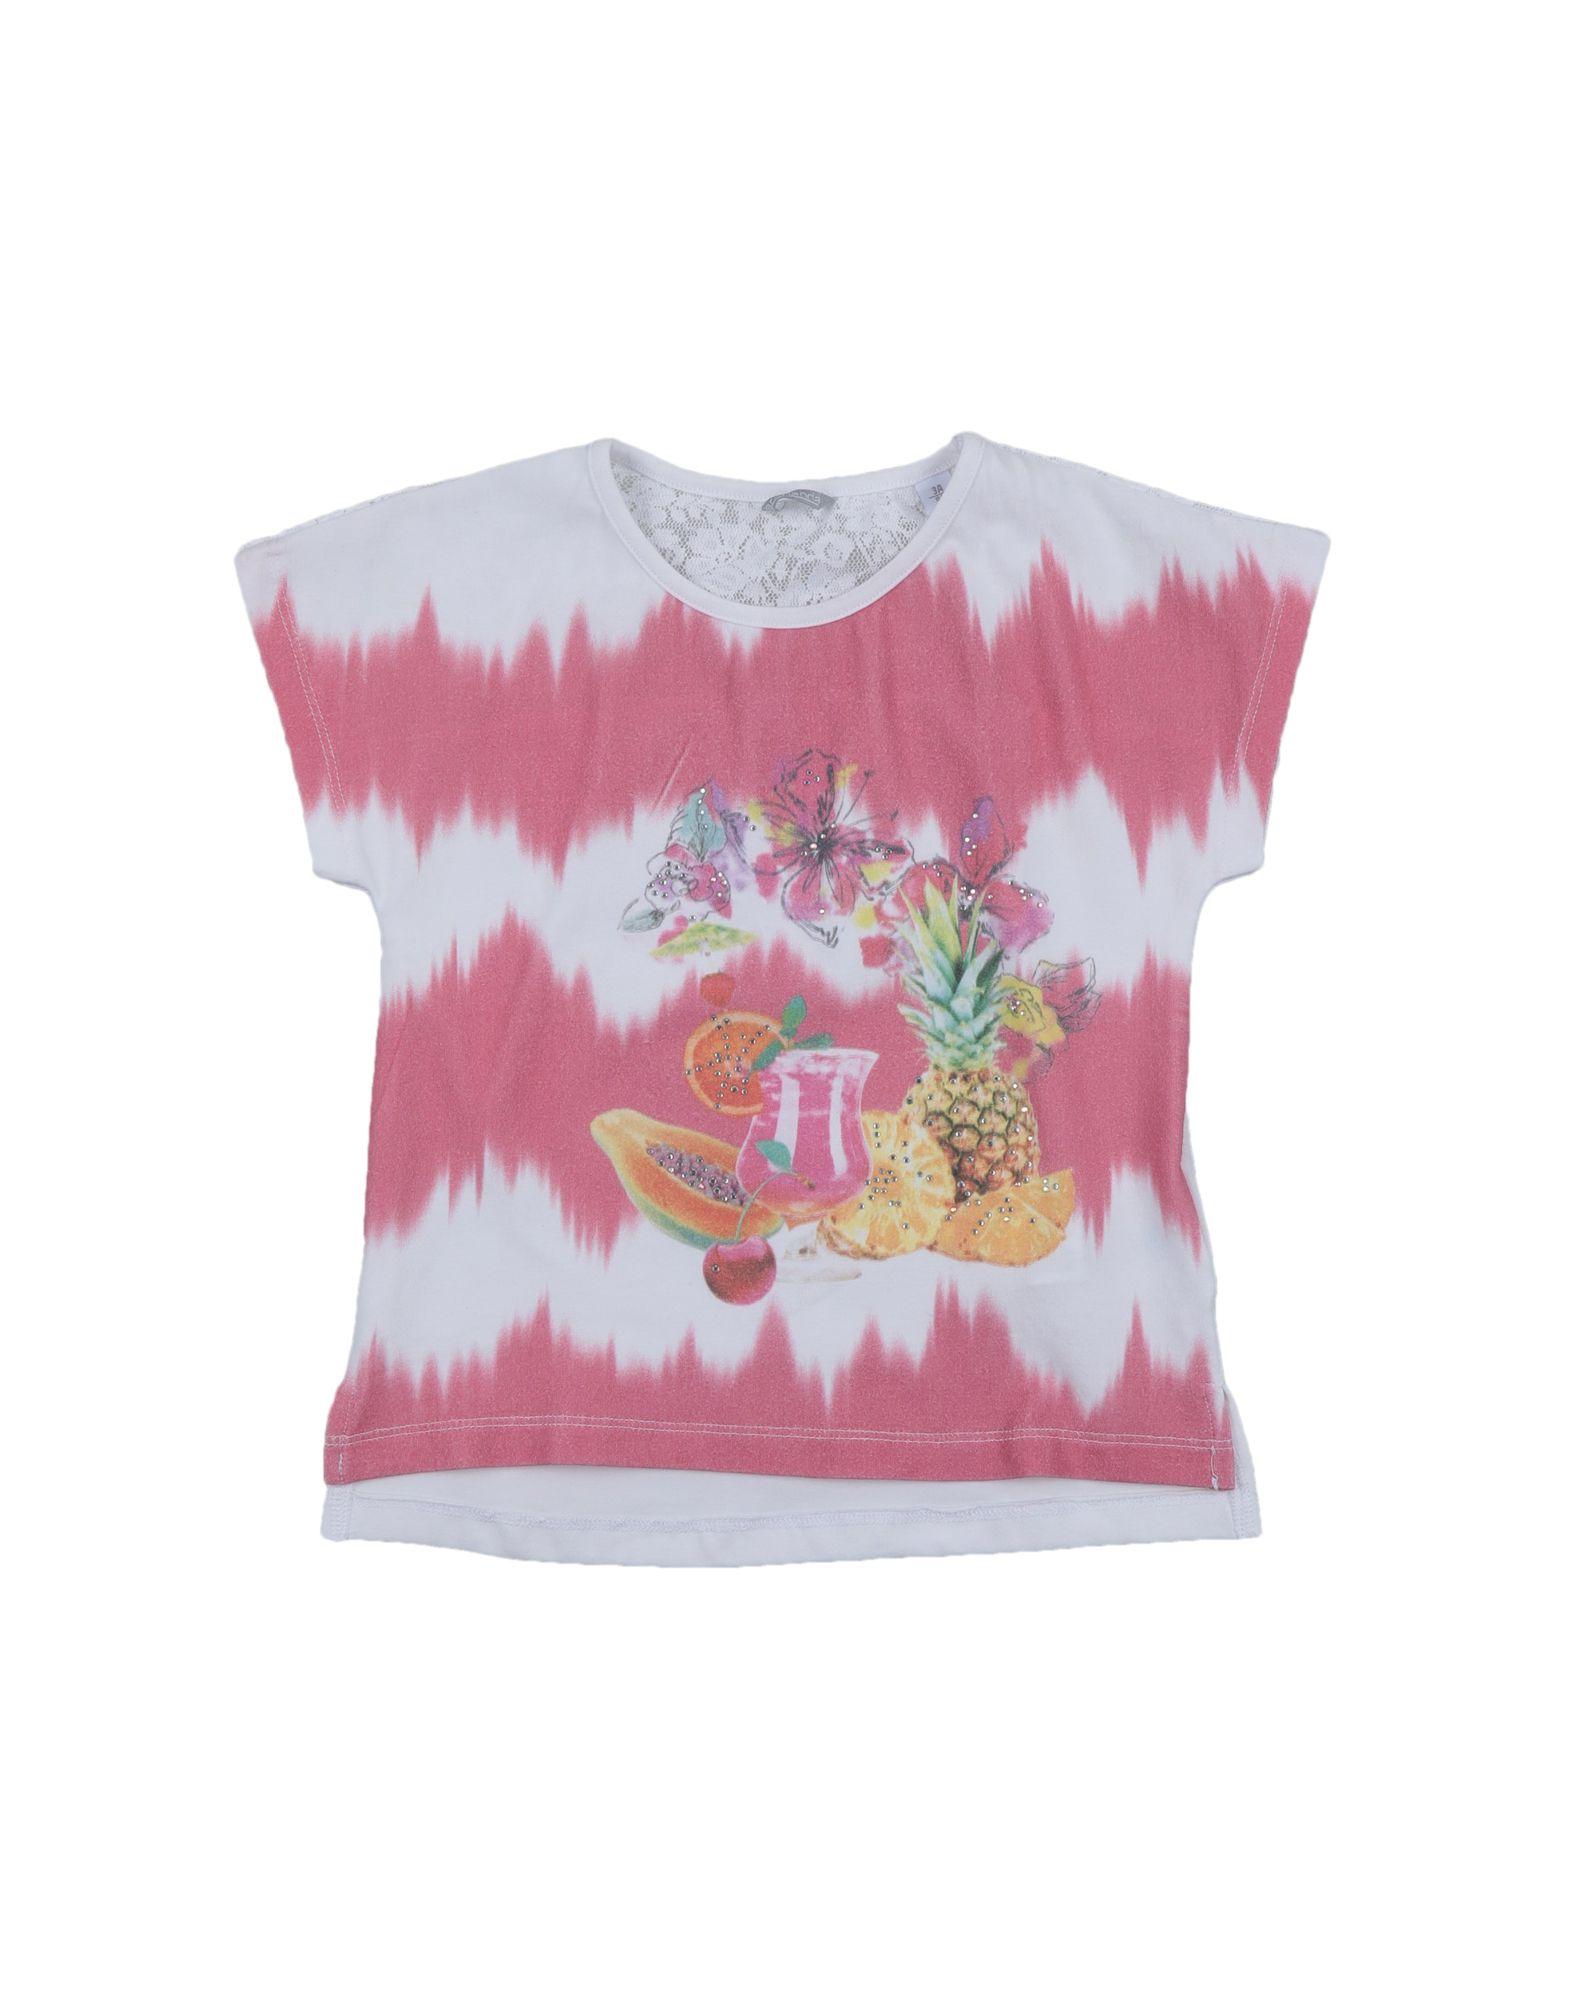 Sarabanda Kids' T-shirts In Pink